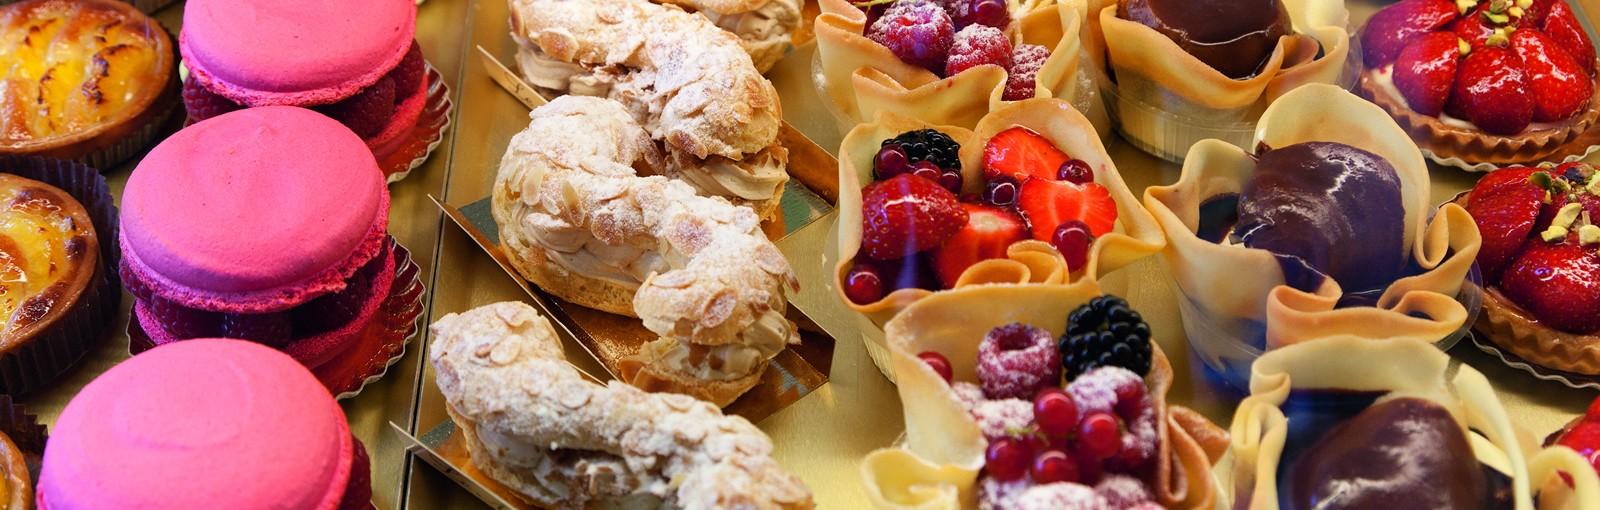 Tours Gastronomic delights of the Latin quarter - Walking tours - Paris Tours